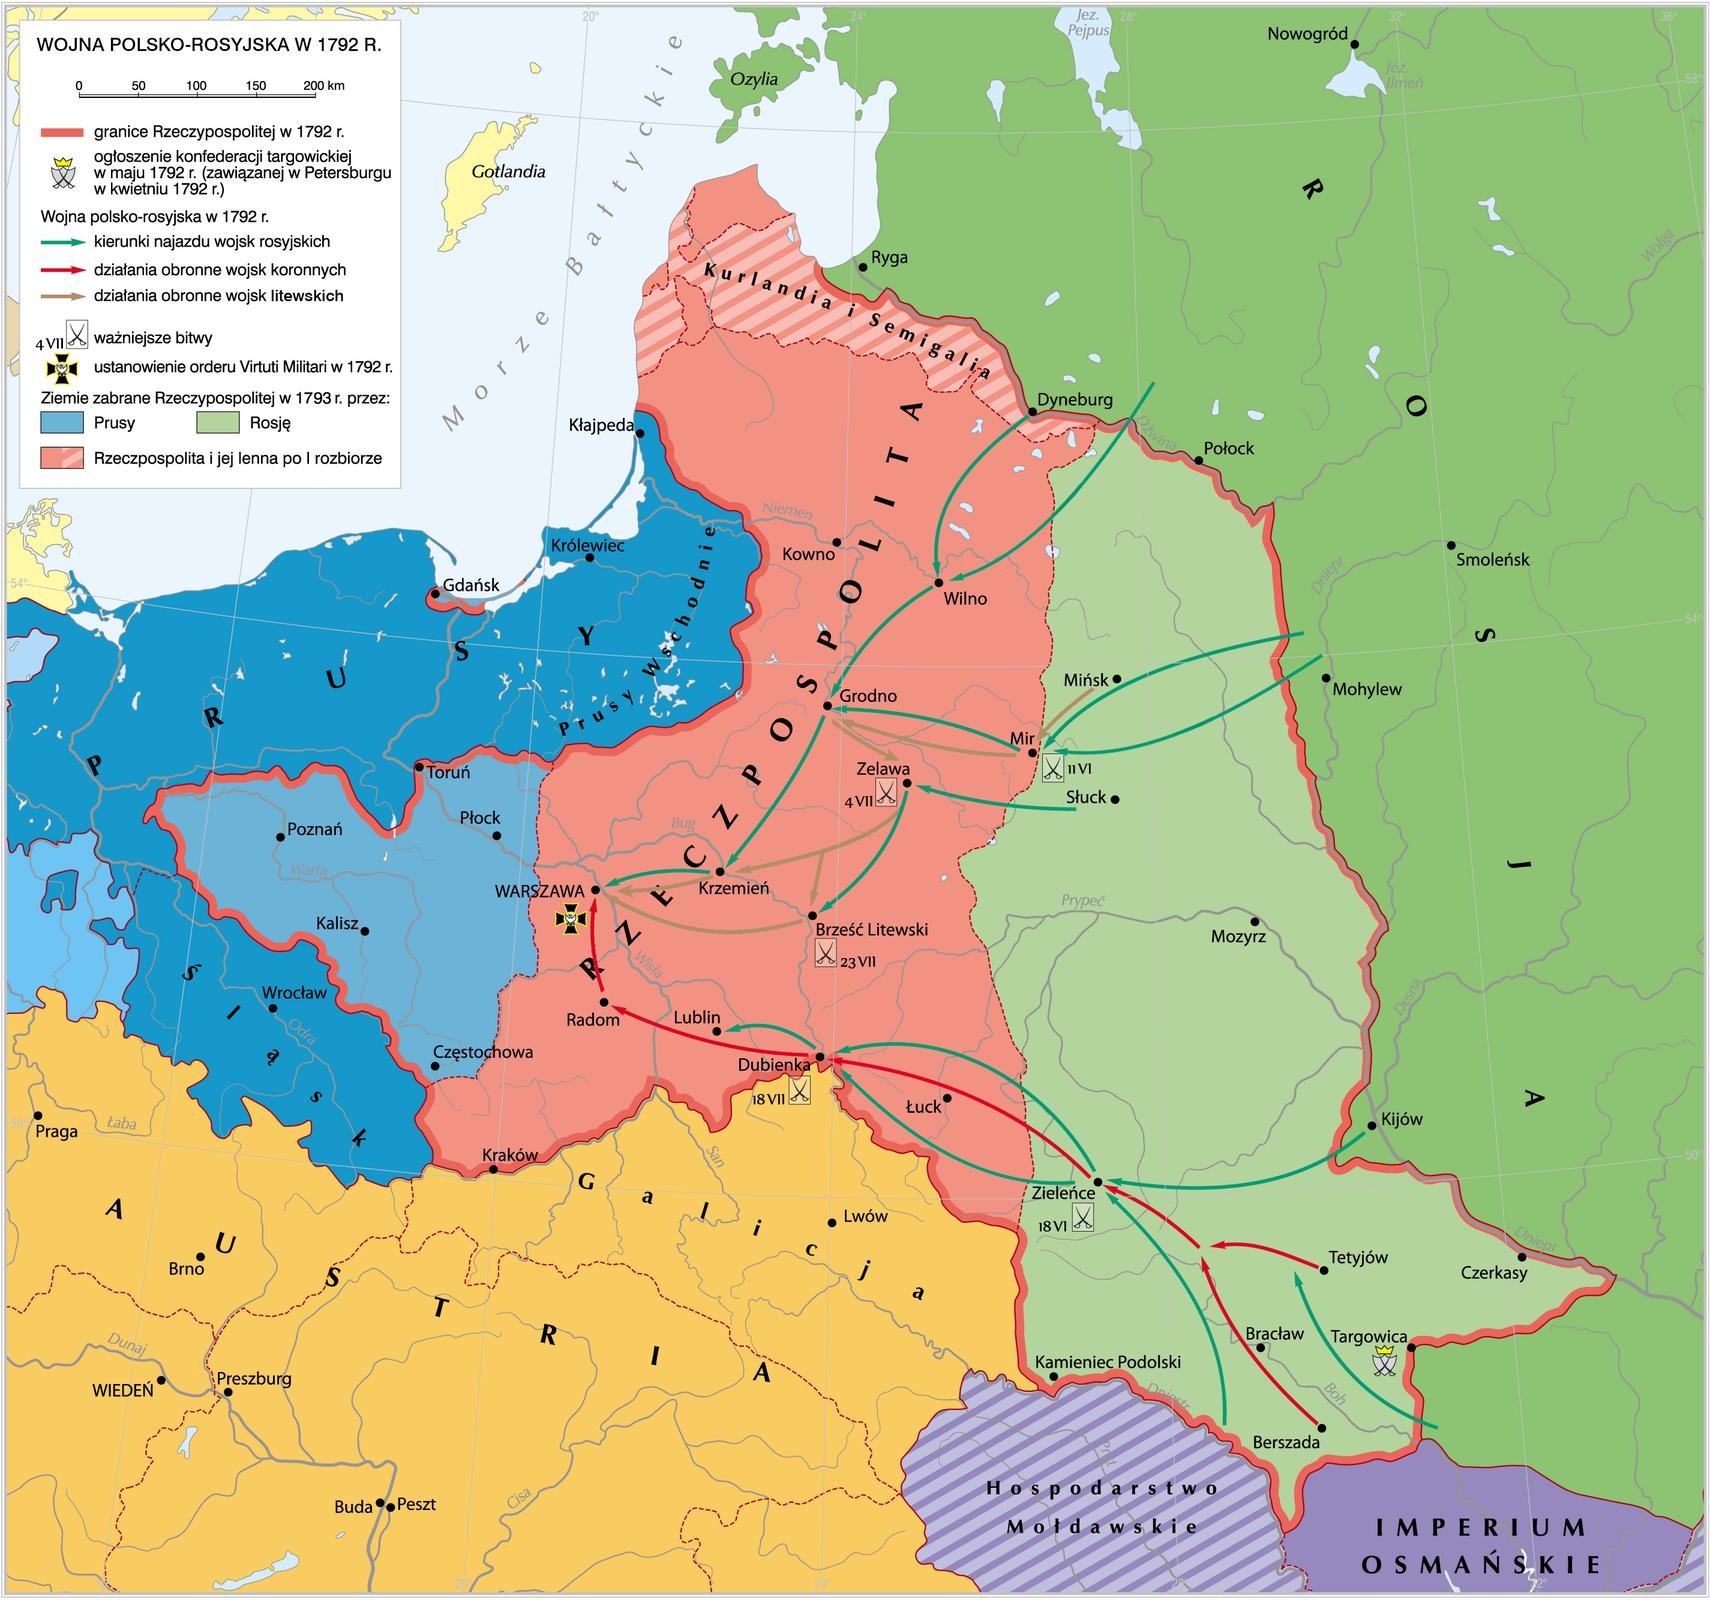 Wojna polsko-rosyjska w1792 r. Źródło: Krystian Chariza izespół, Wojna polsko-rosyjska w1792 r., licencja: CC BY 3.0.